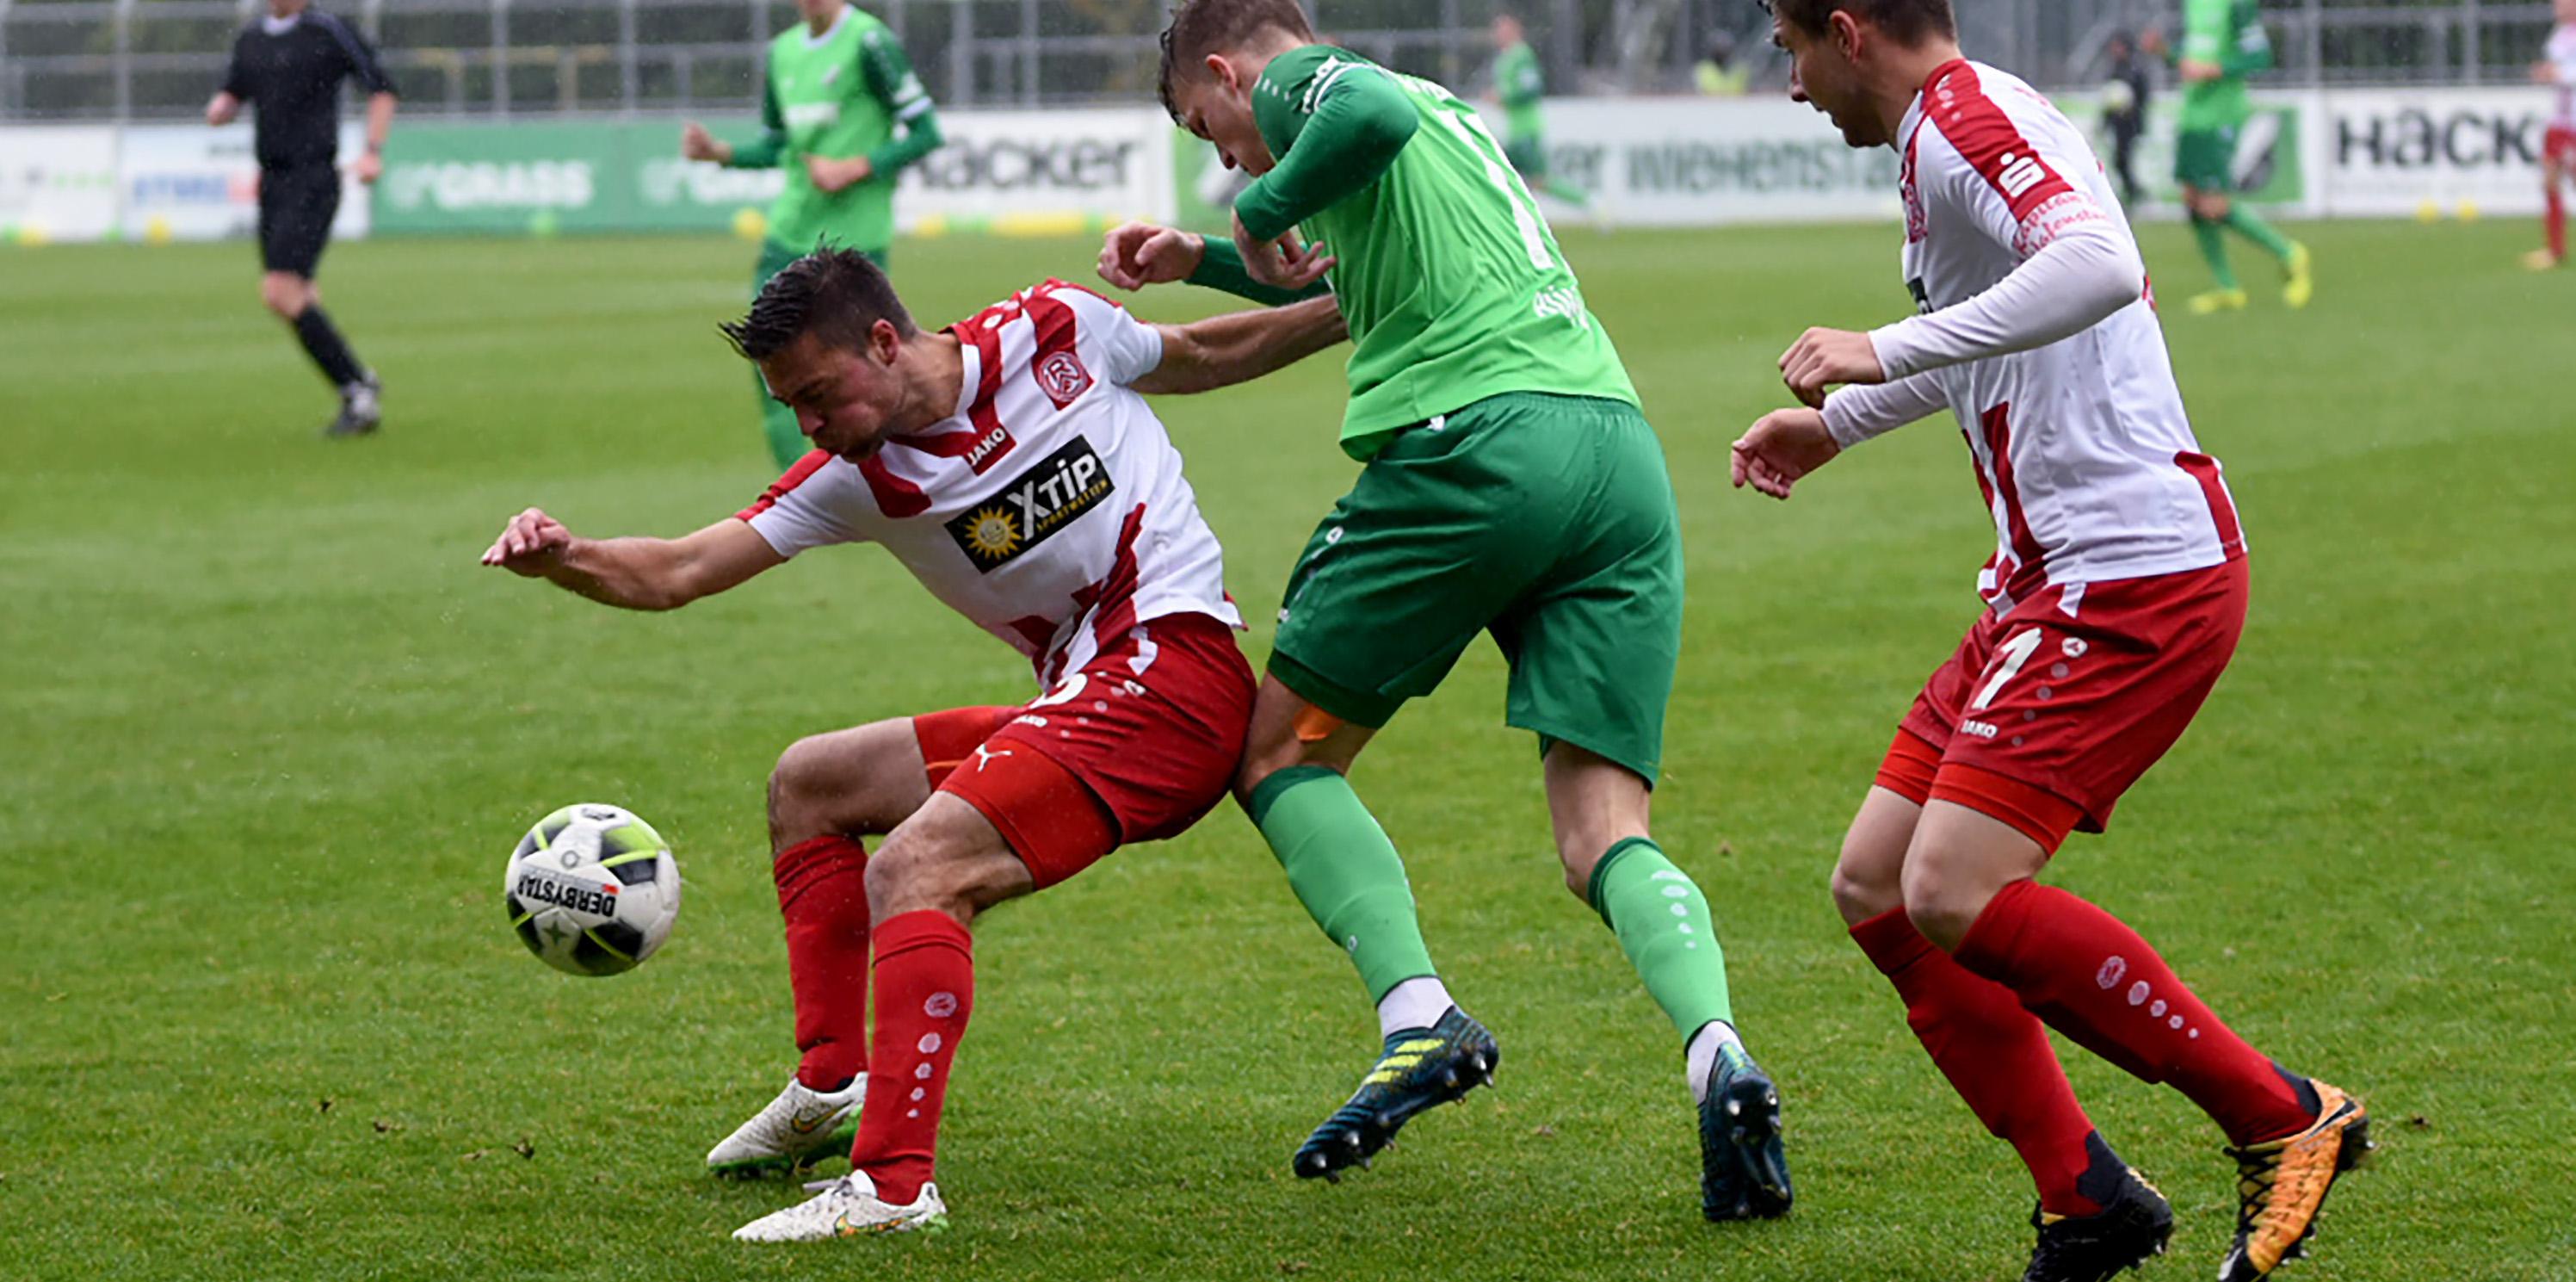 Trotz der Aufholjagd mussten die Rot-Weissen die Heimreise ohne Punkte antreten. (Foto: Rotzoll)